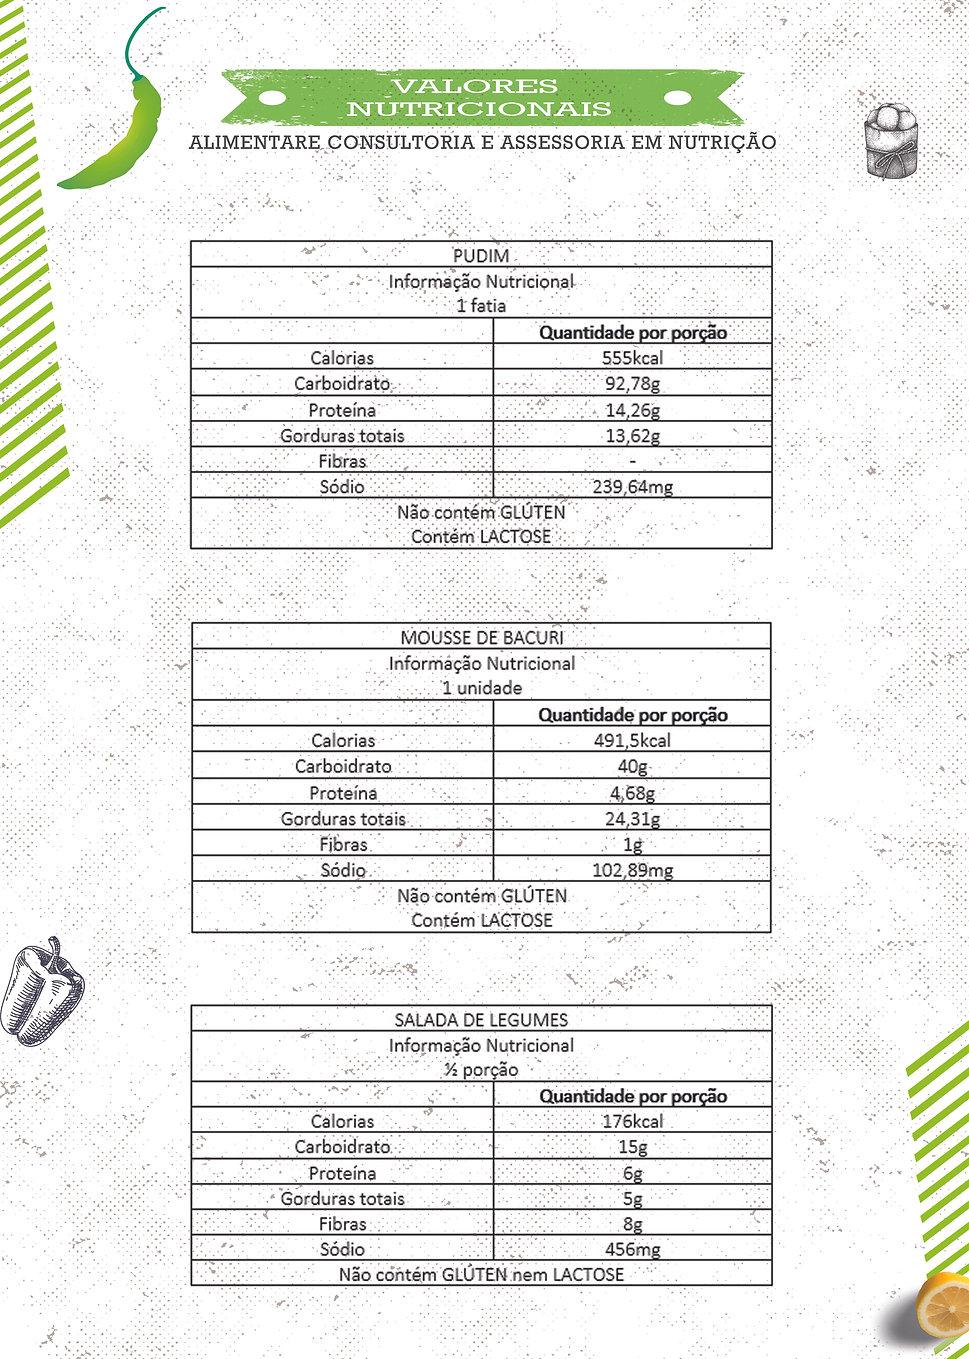 VALORES NUTRICIONAIS PAG 18.jpg